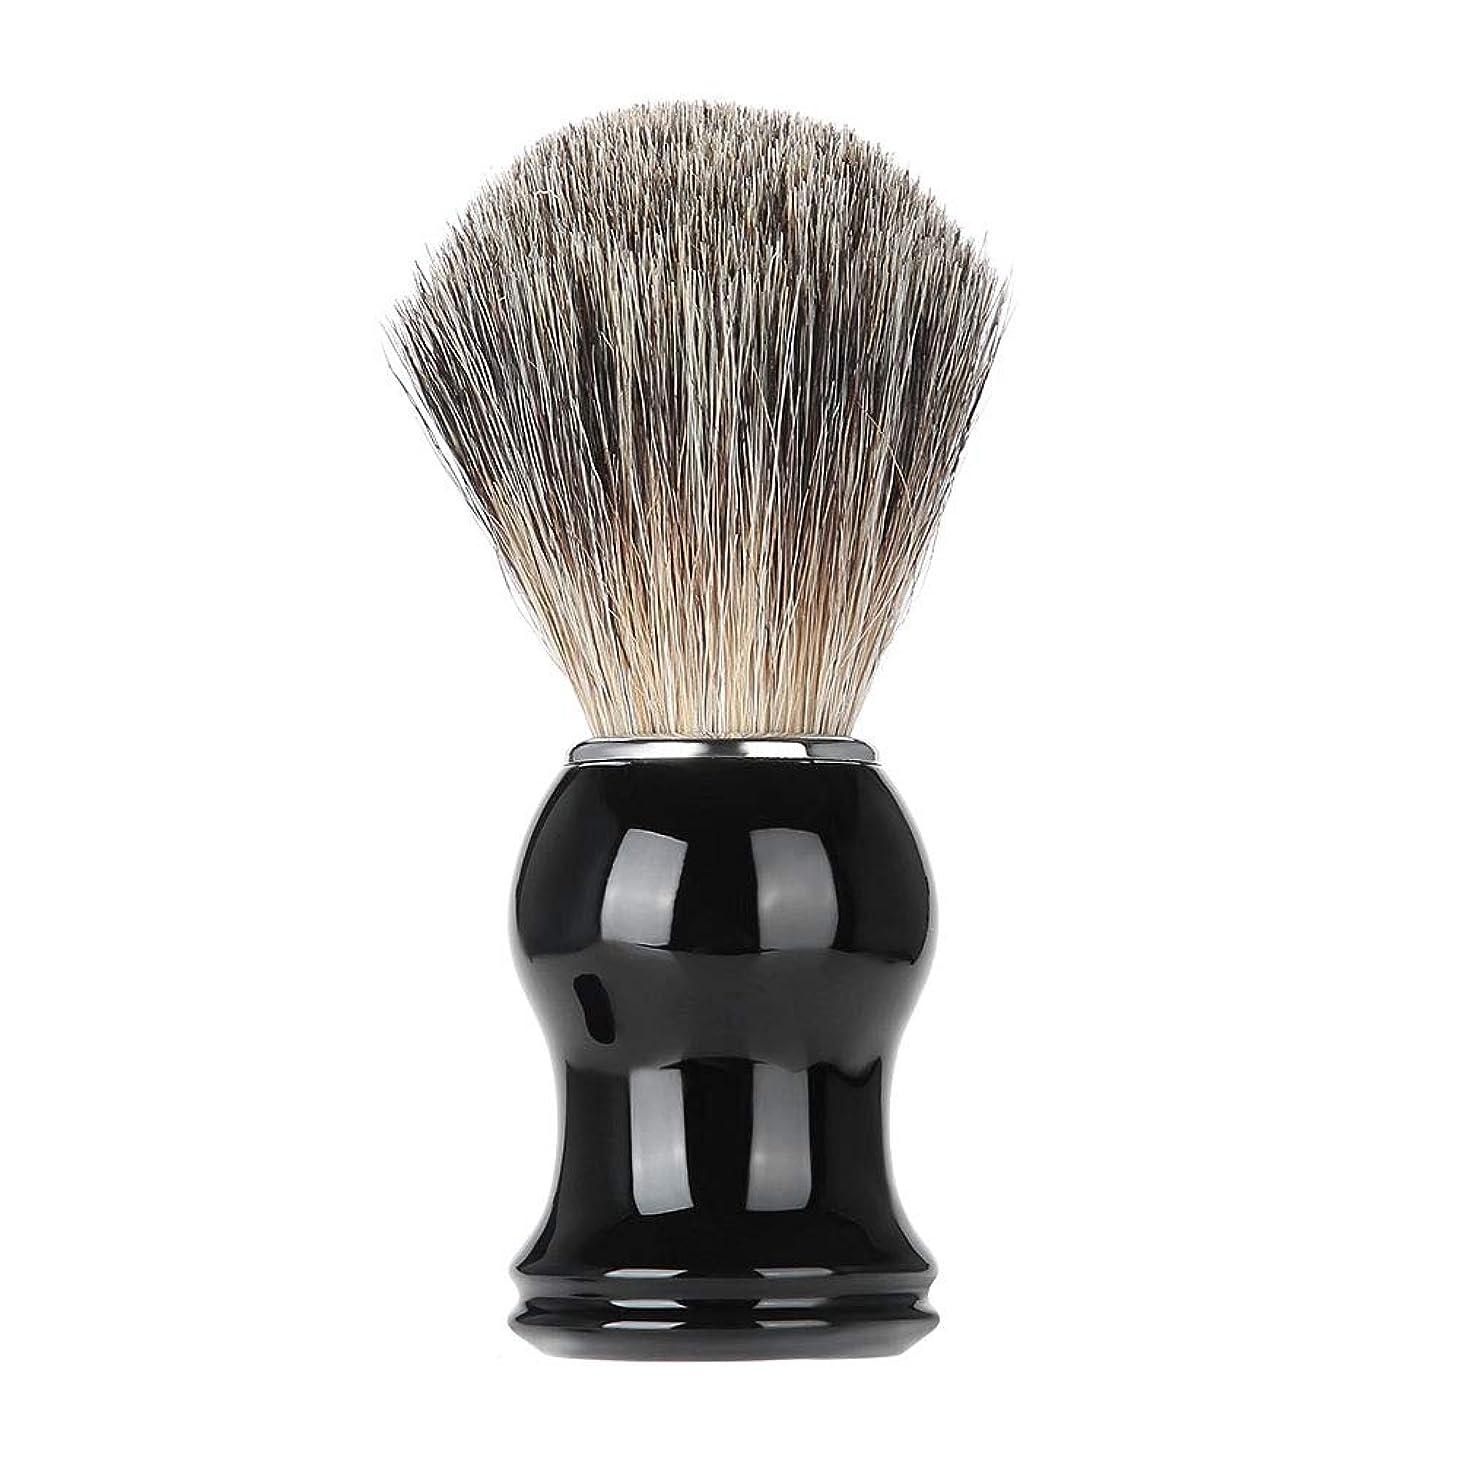 安定探す開始Nitrip シェービングブラシ ひげブラシ ひげケア アナグマ毛 理容 洗顔 髭剃り 泡立ち シェービング用アクセサリー 男性用 高級